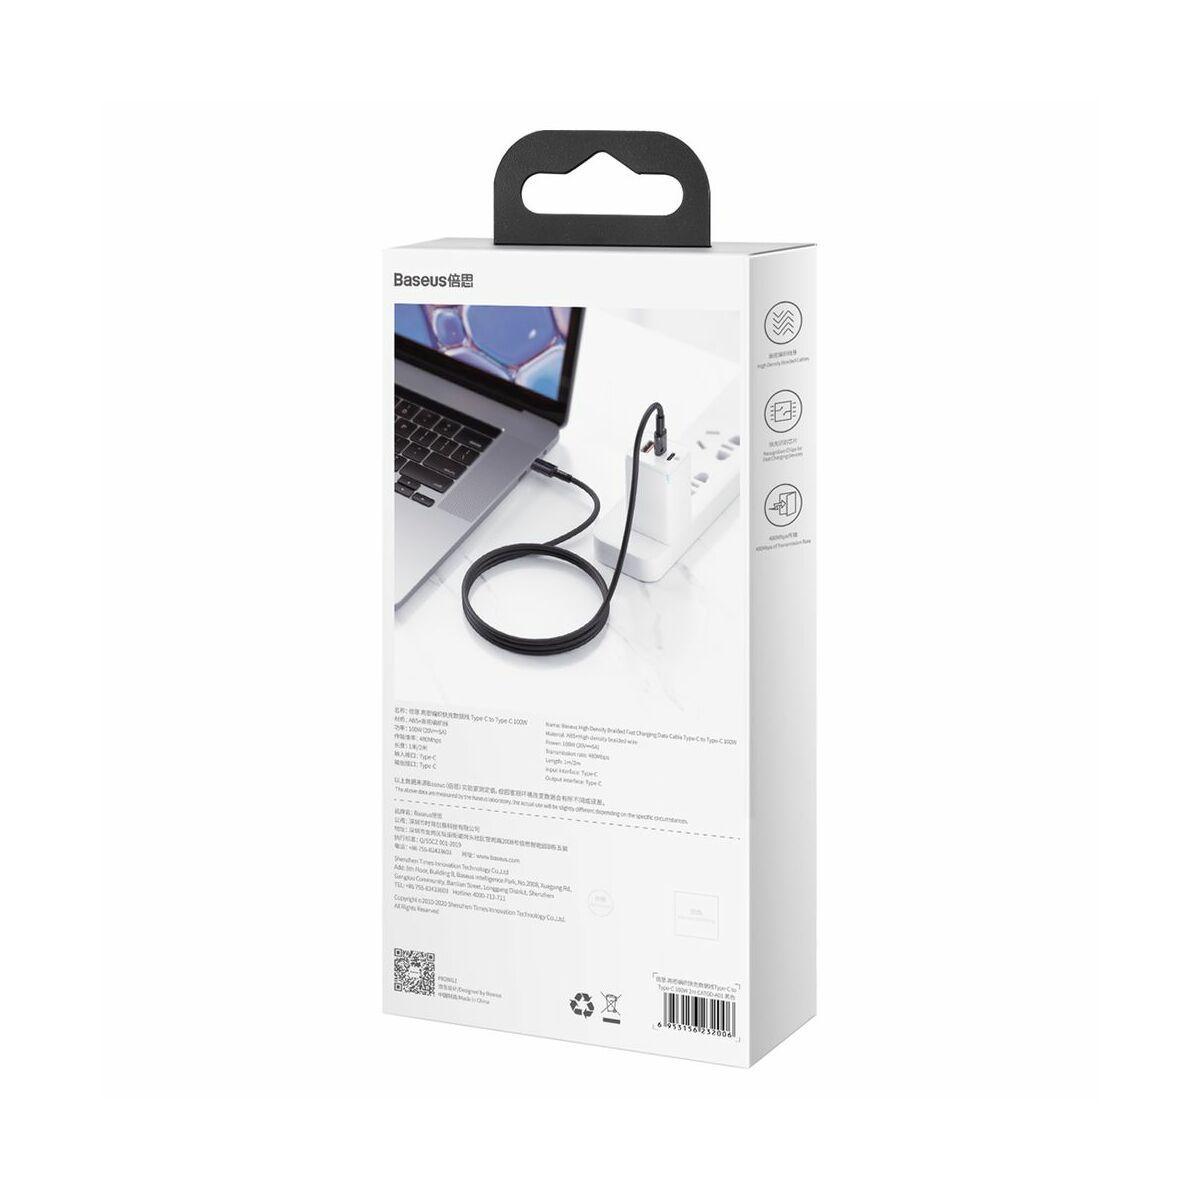 Baseus Type-C - Type-C kábel, sűrű szövésű gyorstöltő és adatkábel 100W (20V/5A) 2m, fekete (CATGD-A01)